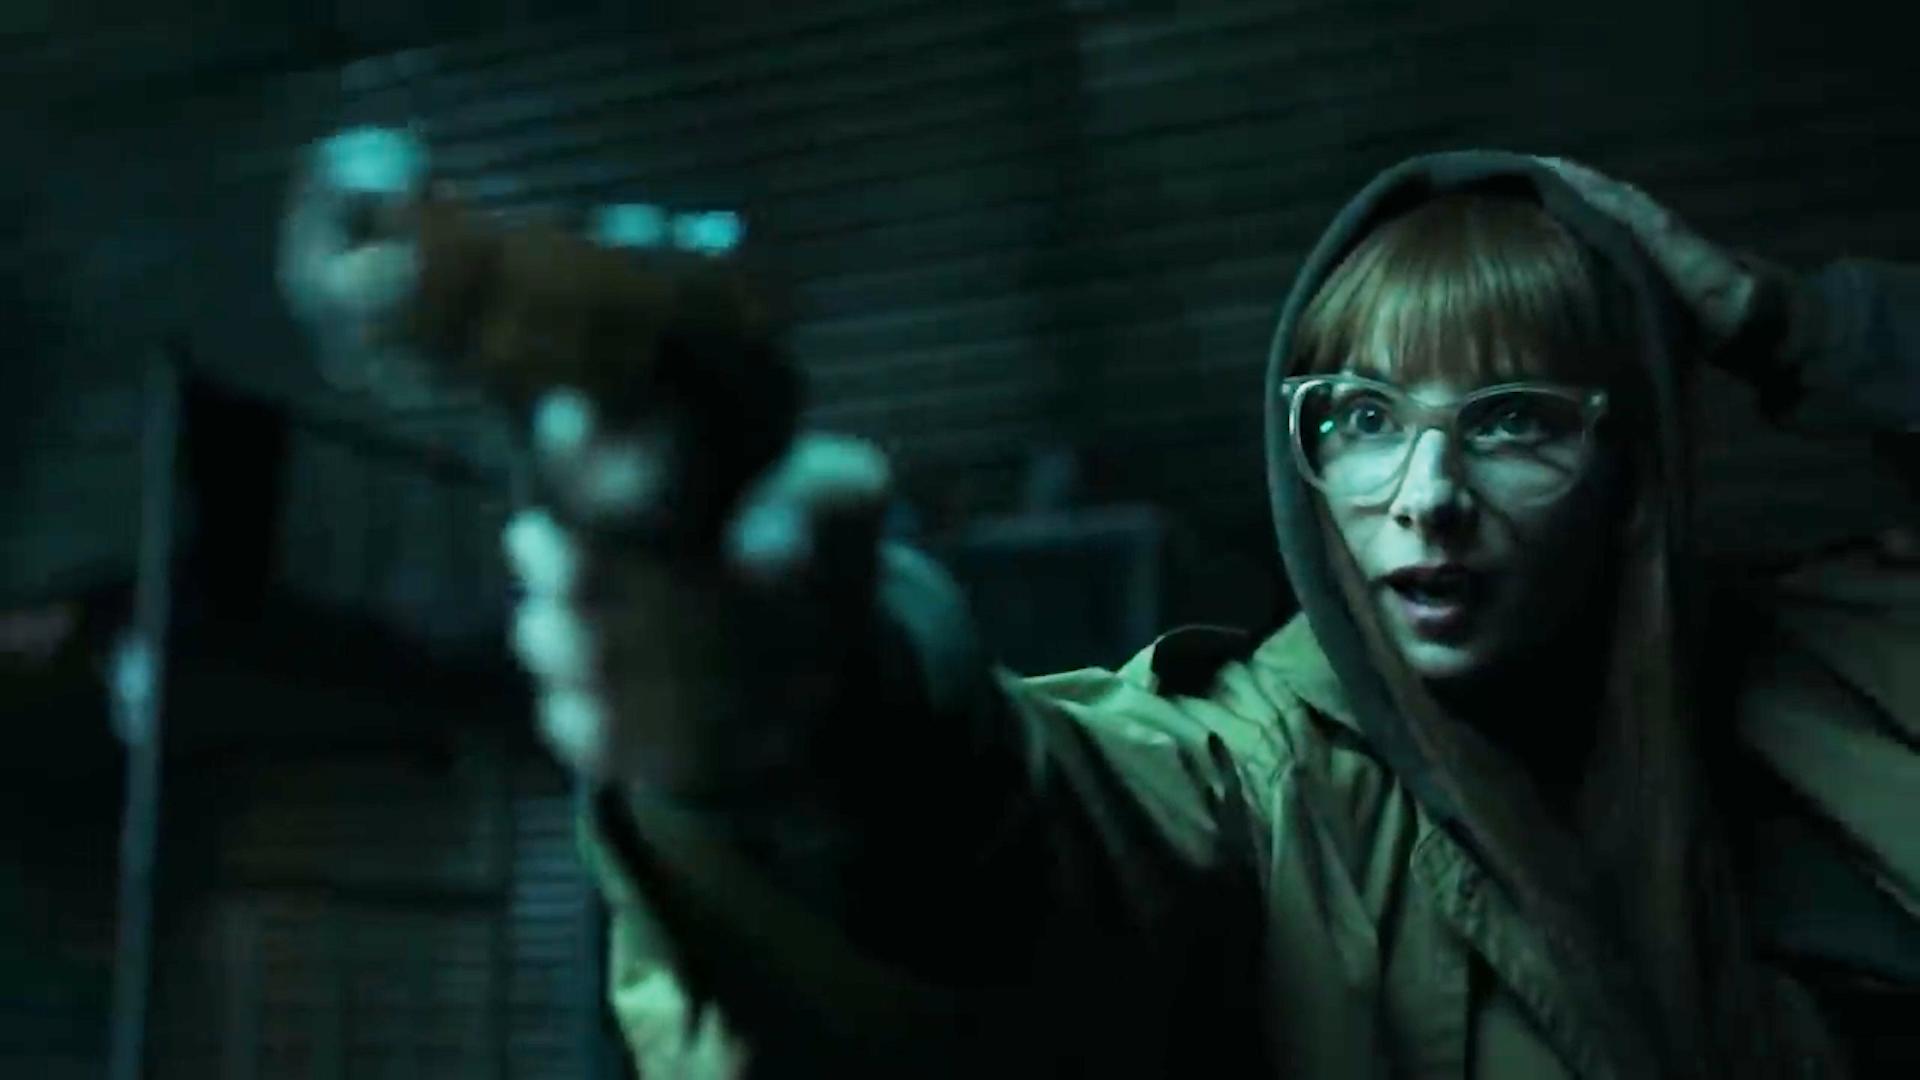 La Casa de Papel: cuatro teorías que explican el futuro de Alicia Sierra en la quinta temporada - Infobae